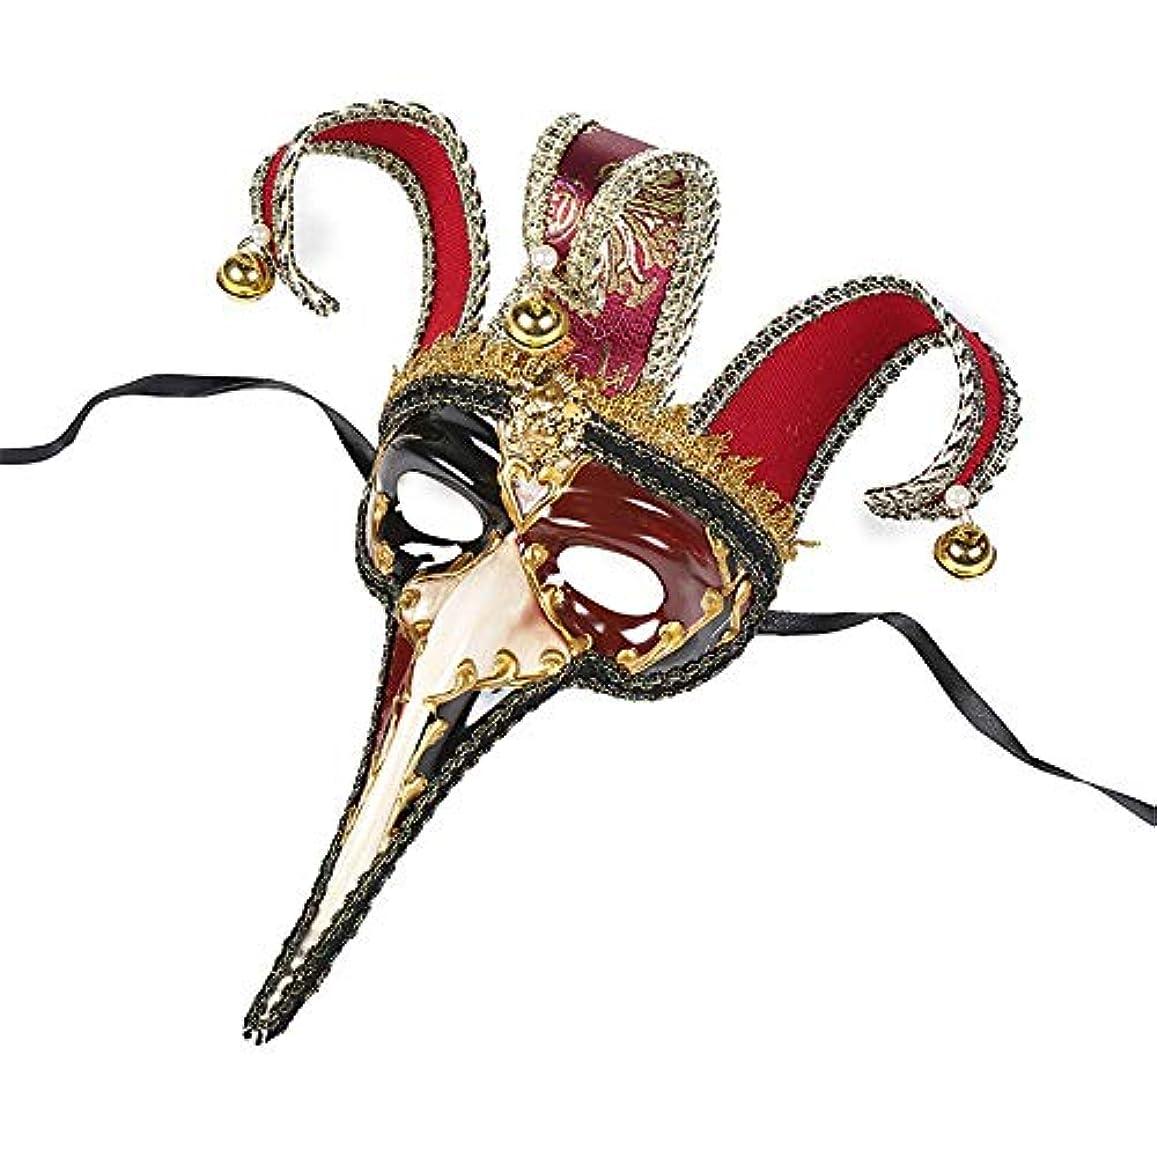 幸運なよりメロンダンスマスク ハーフフェイス鼻フラミンゴハロウィーン仮装雰囲気クリスマスフェスティバルロールプレイングプラスチックマスク パーティーボールマスク (色 : 赤, サイズ : 42x15cm)